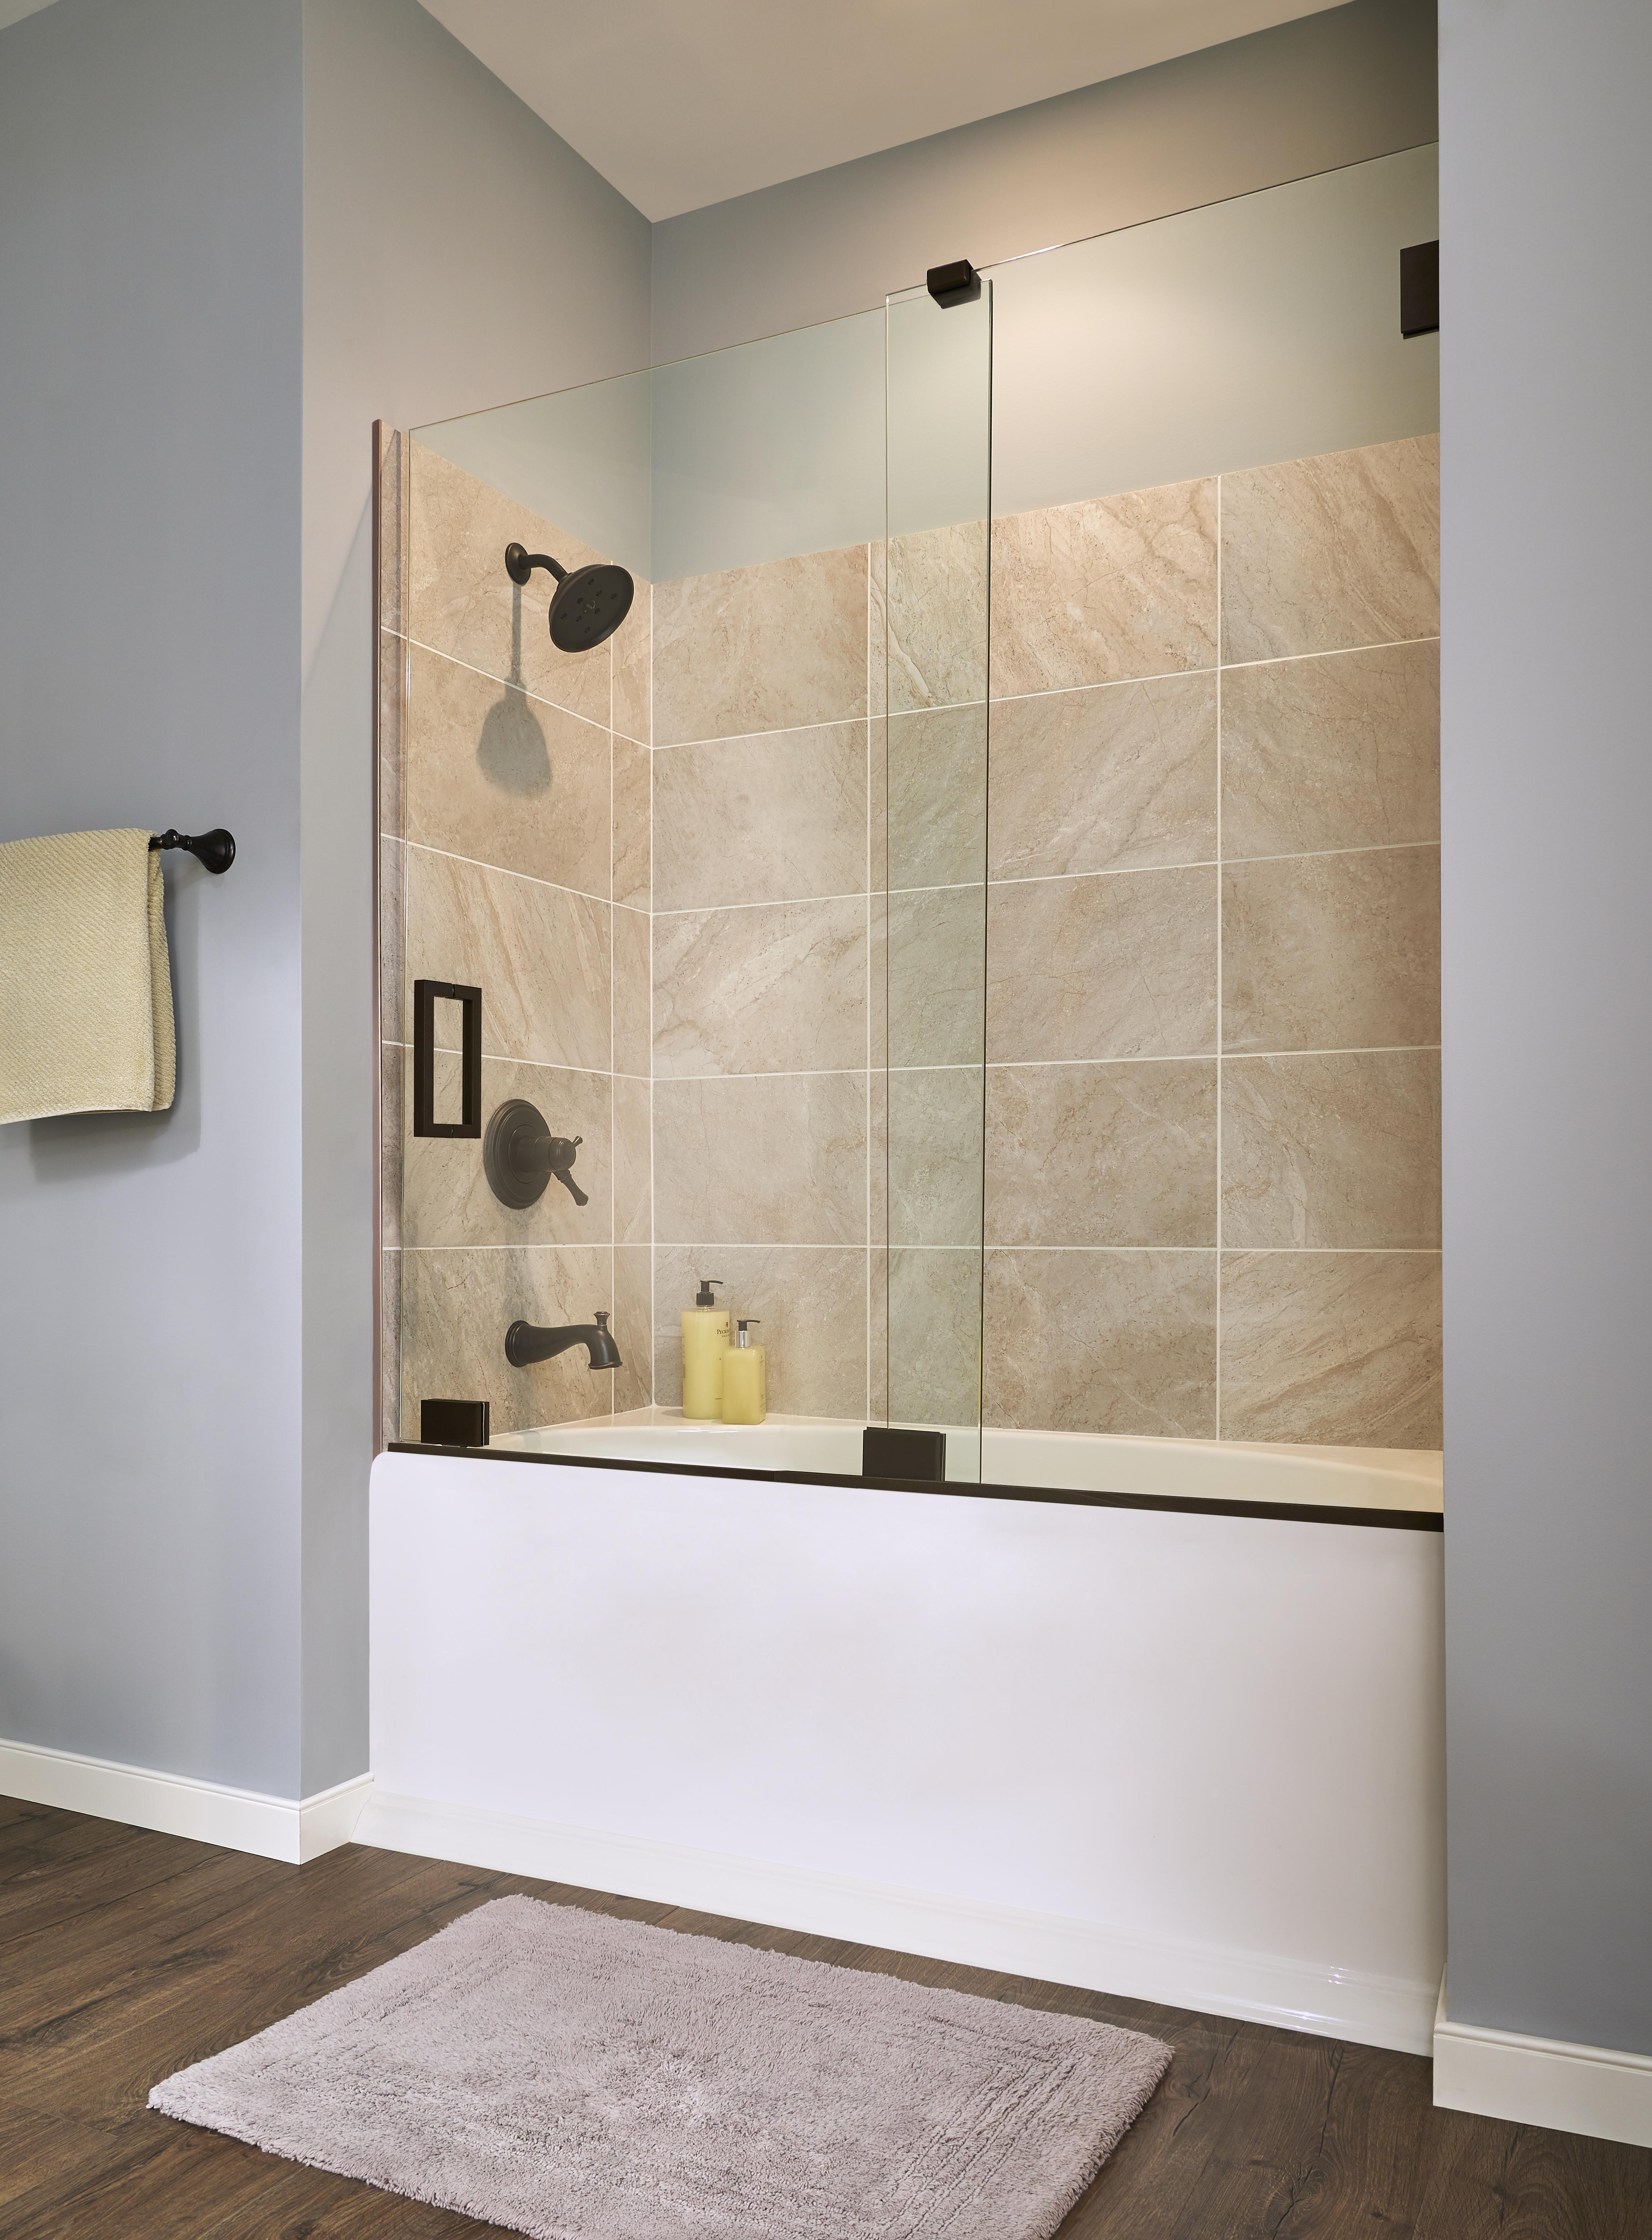 Geolux Frameless 38 Inch Glass Bottom Rolling Basco Shower Doors